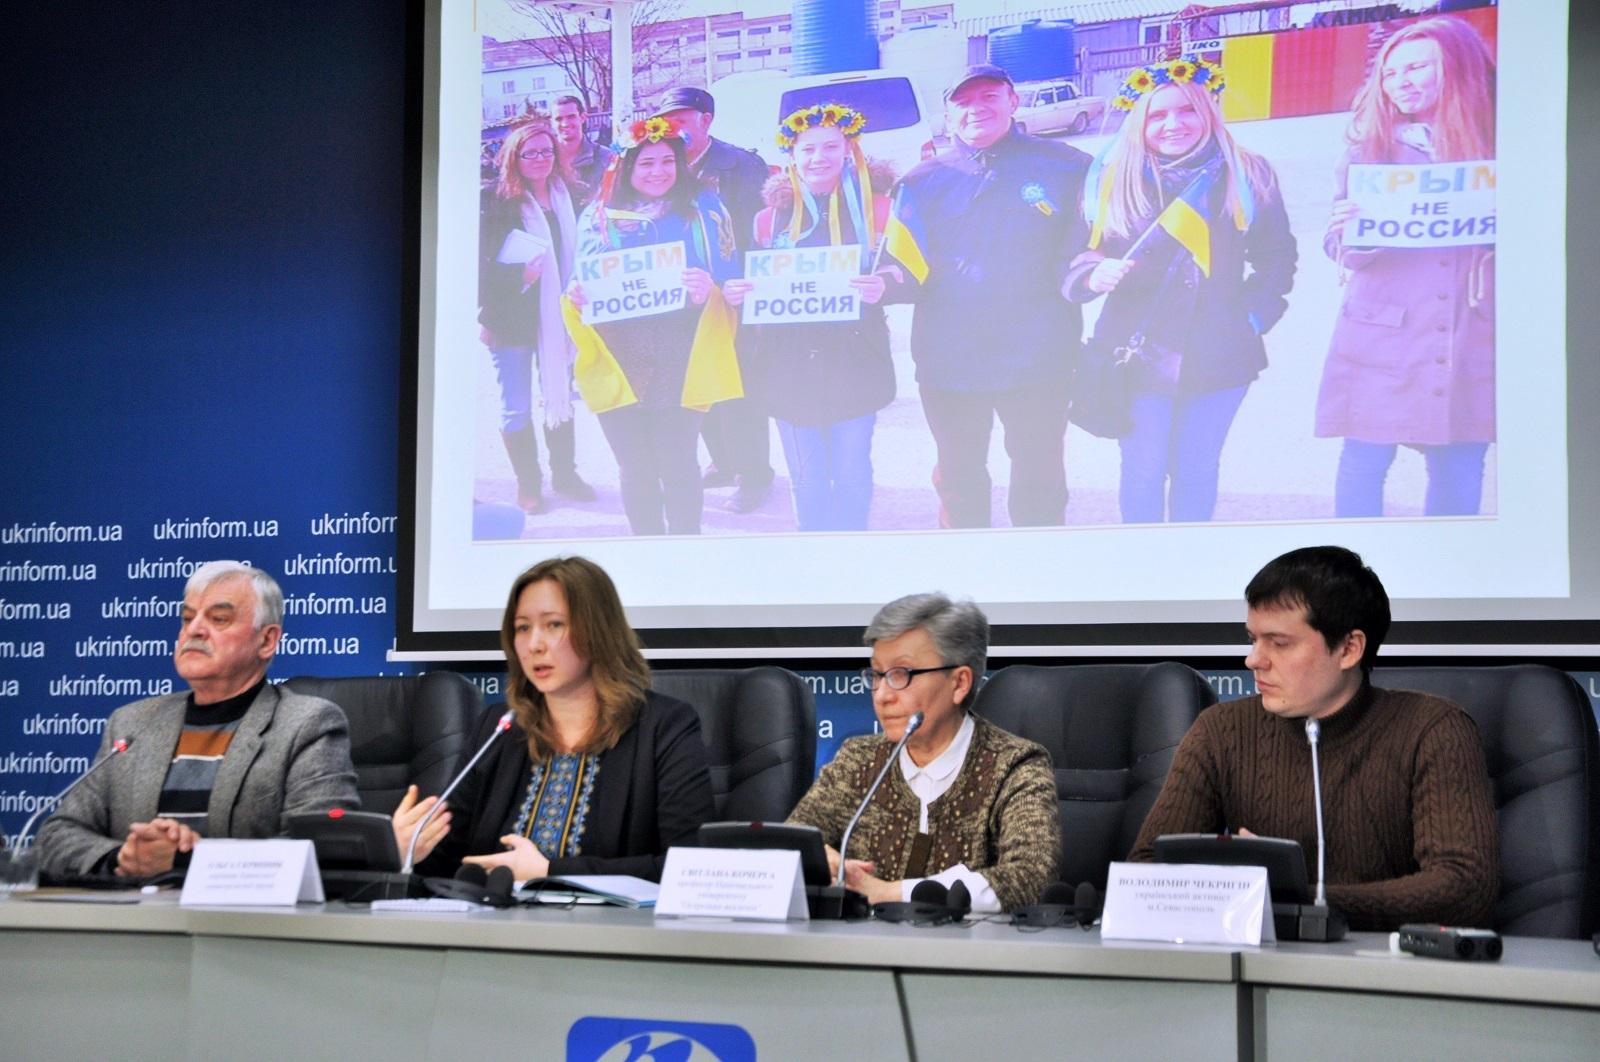 Проблему дискримінації українців у Криму потрібно вирішувати на міжнародному рівні